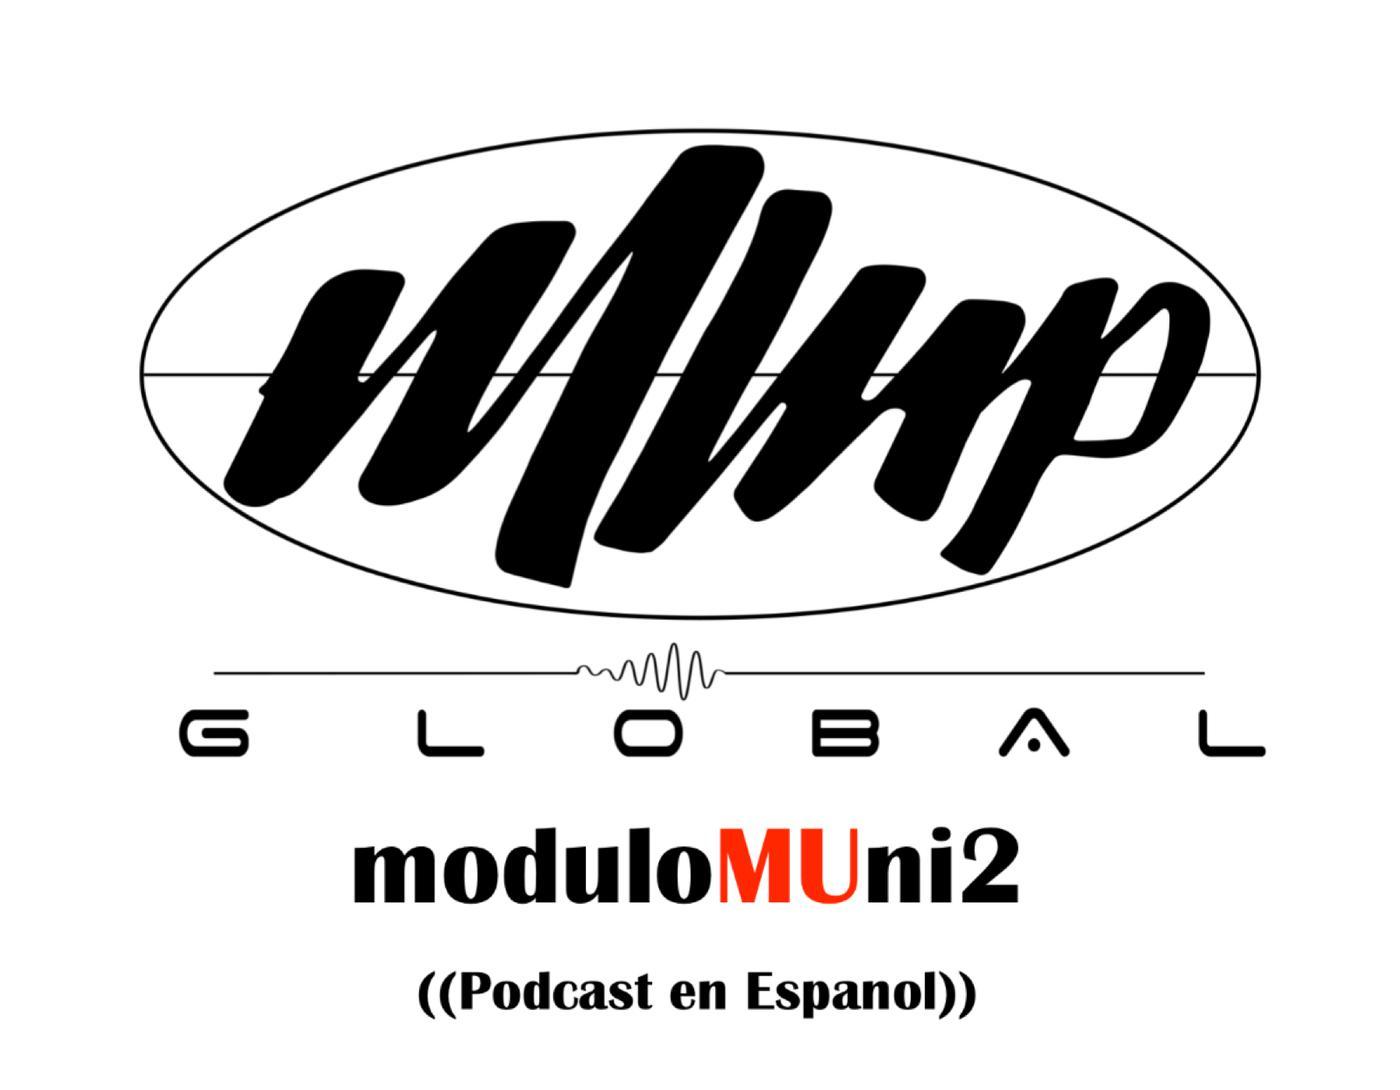 moduloMUni2's podcast - Max Mejia   Listen Notes